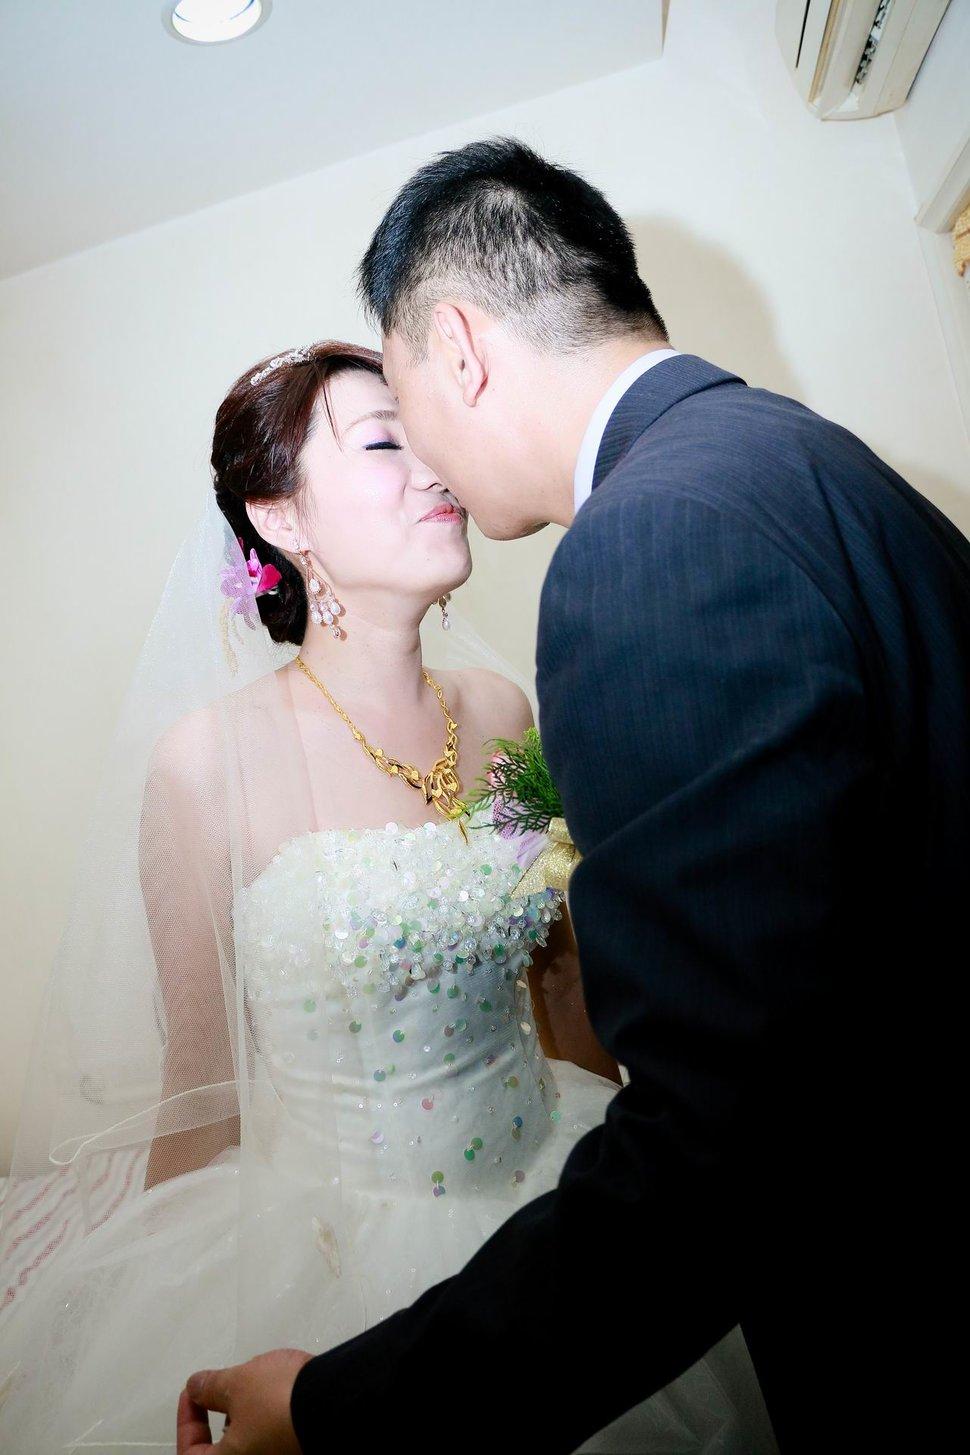 板橋吉立定結餐廳迎娶文定婚禮記錄結婚迎娶婚禮攝影動態微電影錄影專業錄影平面攝影影婚禮主持人(編號:196996) - 蜜月拍照10800錄影12800攝影團隊 - 結婚吧